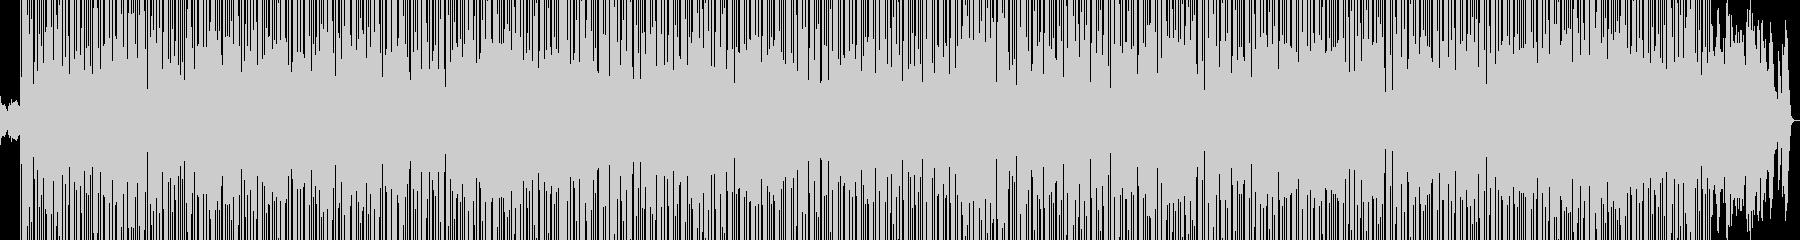 サックスとベースのエモーショナルなポップの未再生の波形